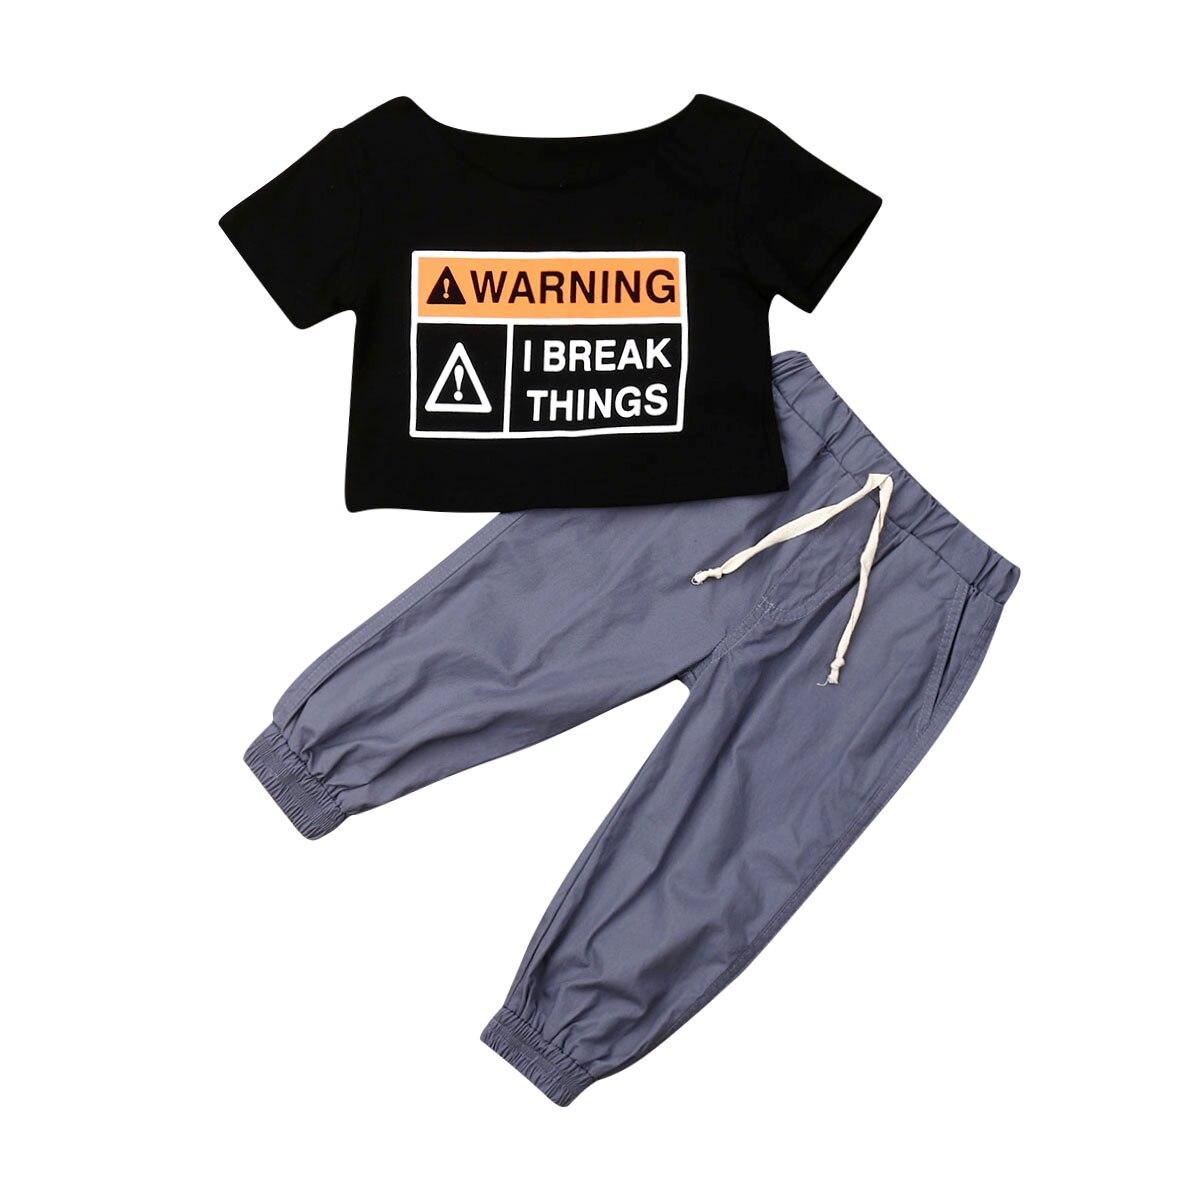 2Pcs Newborn Baby Boys Girls Kids T-shirt Crop Tops Vest+Pants Outfit Clothes